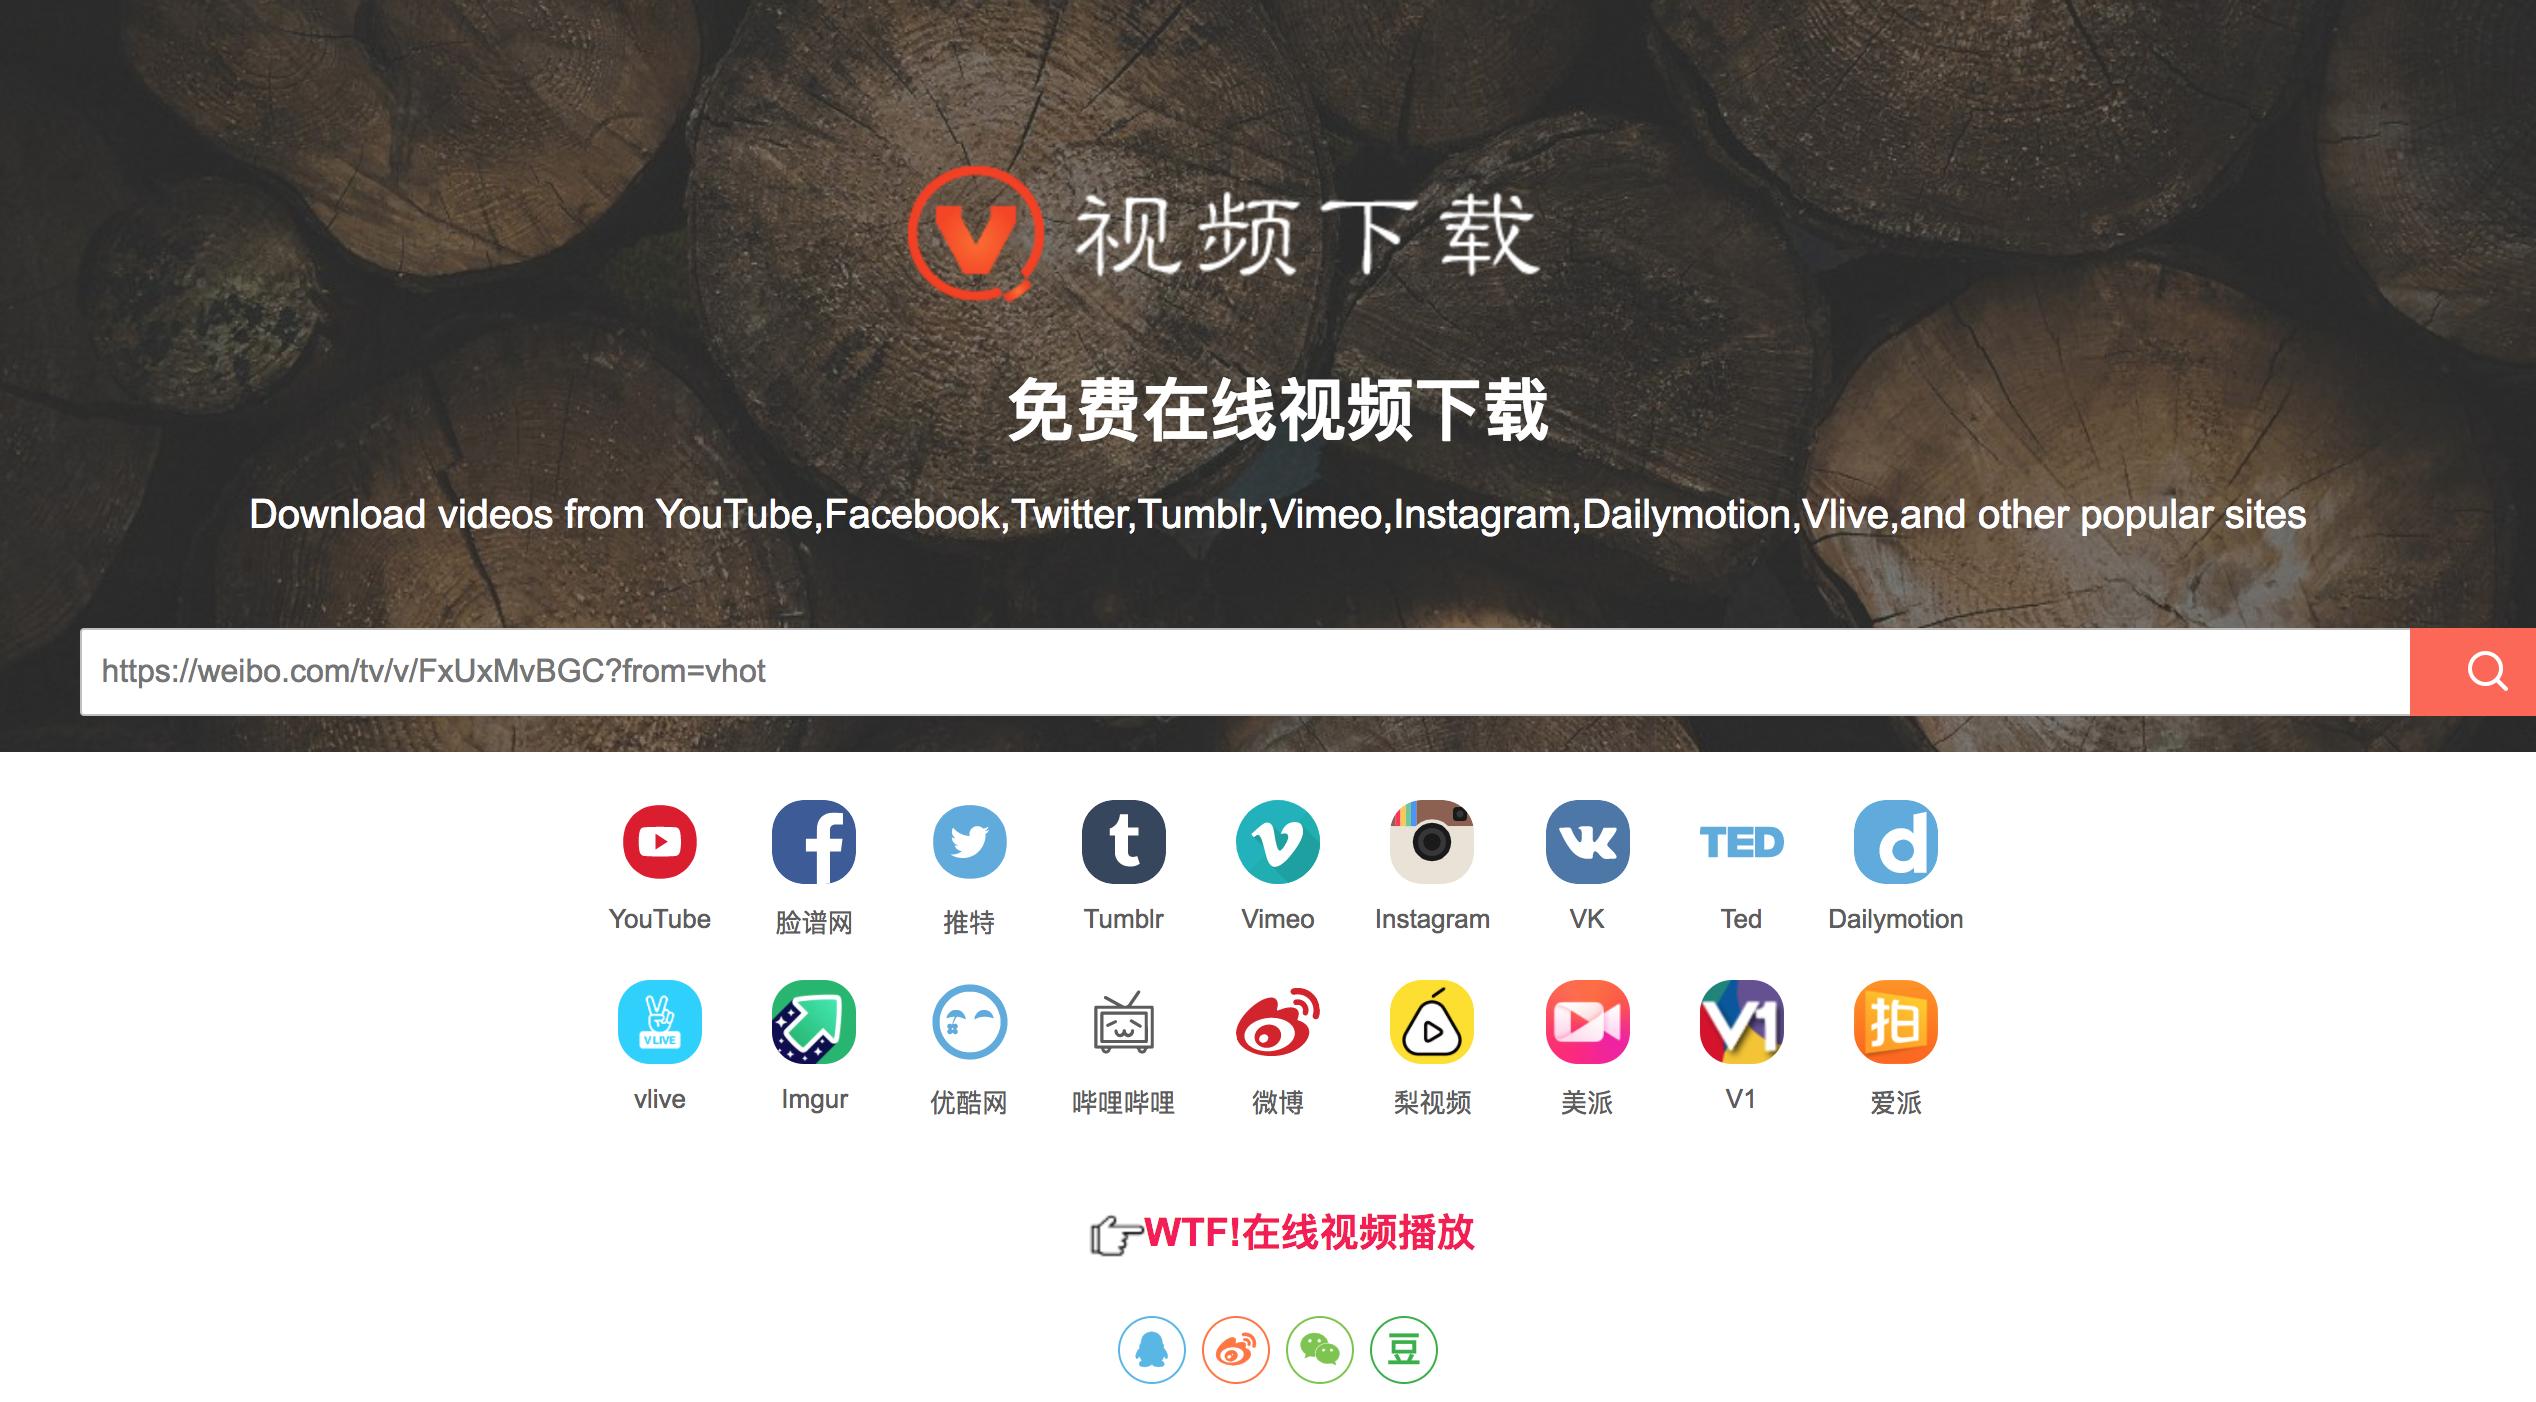 一个支持海内外主流视频平台视频下载的小站!-iQiQi